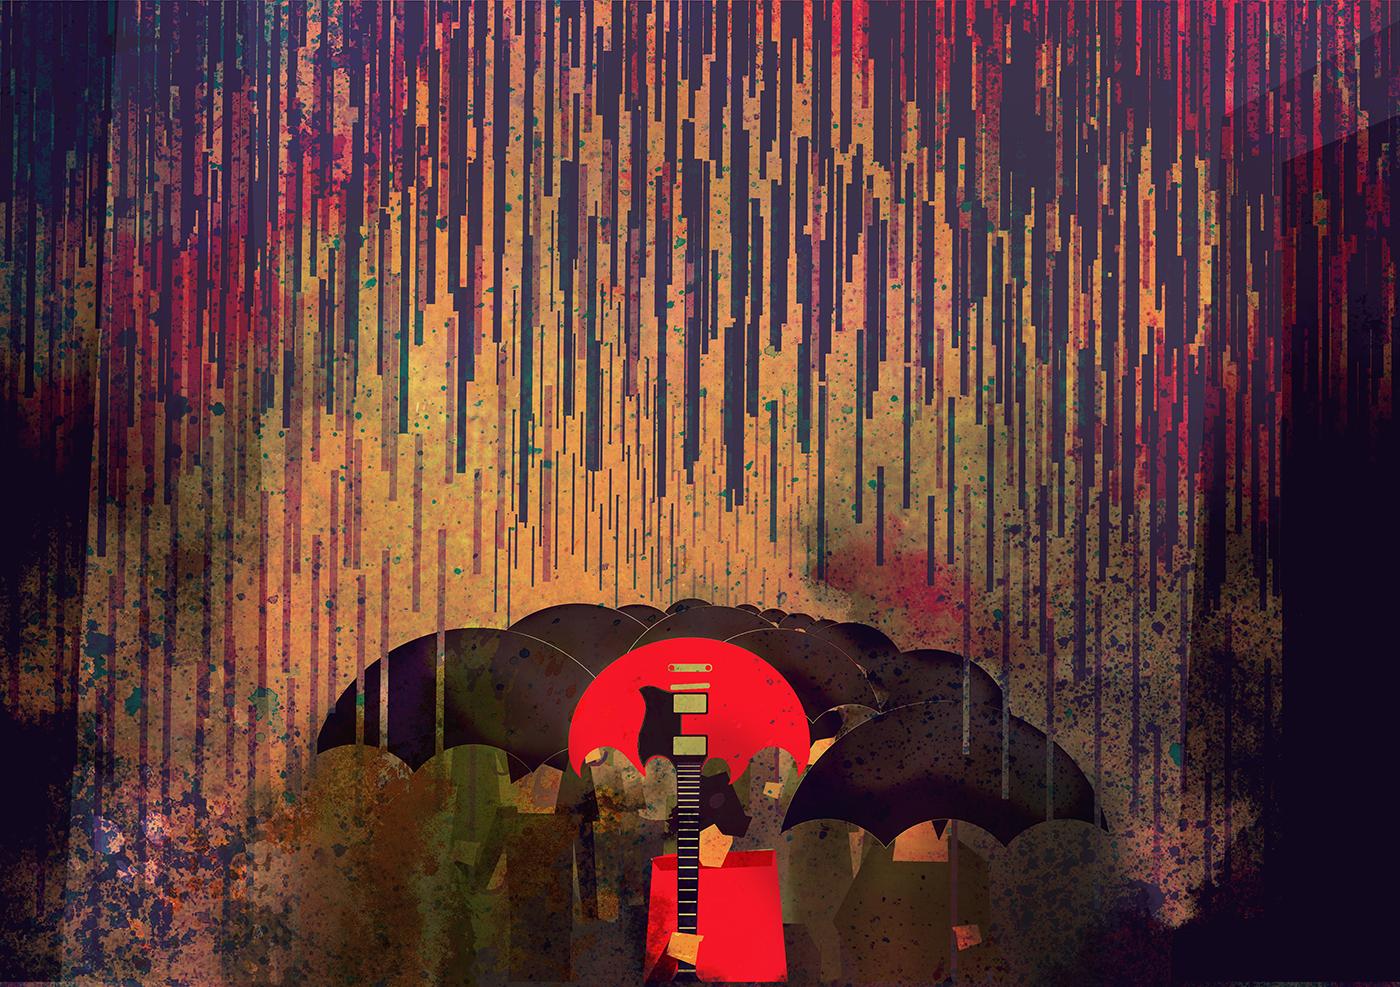 Gibson sg rain